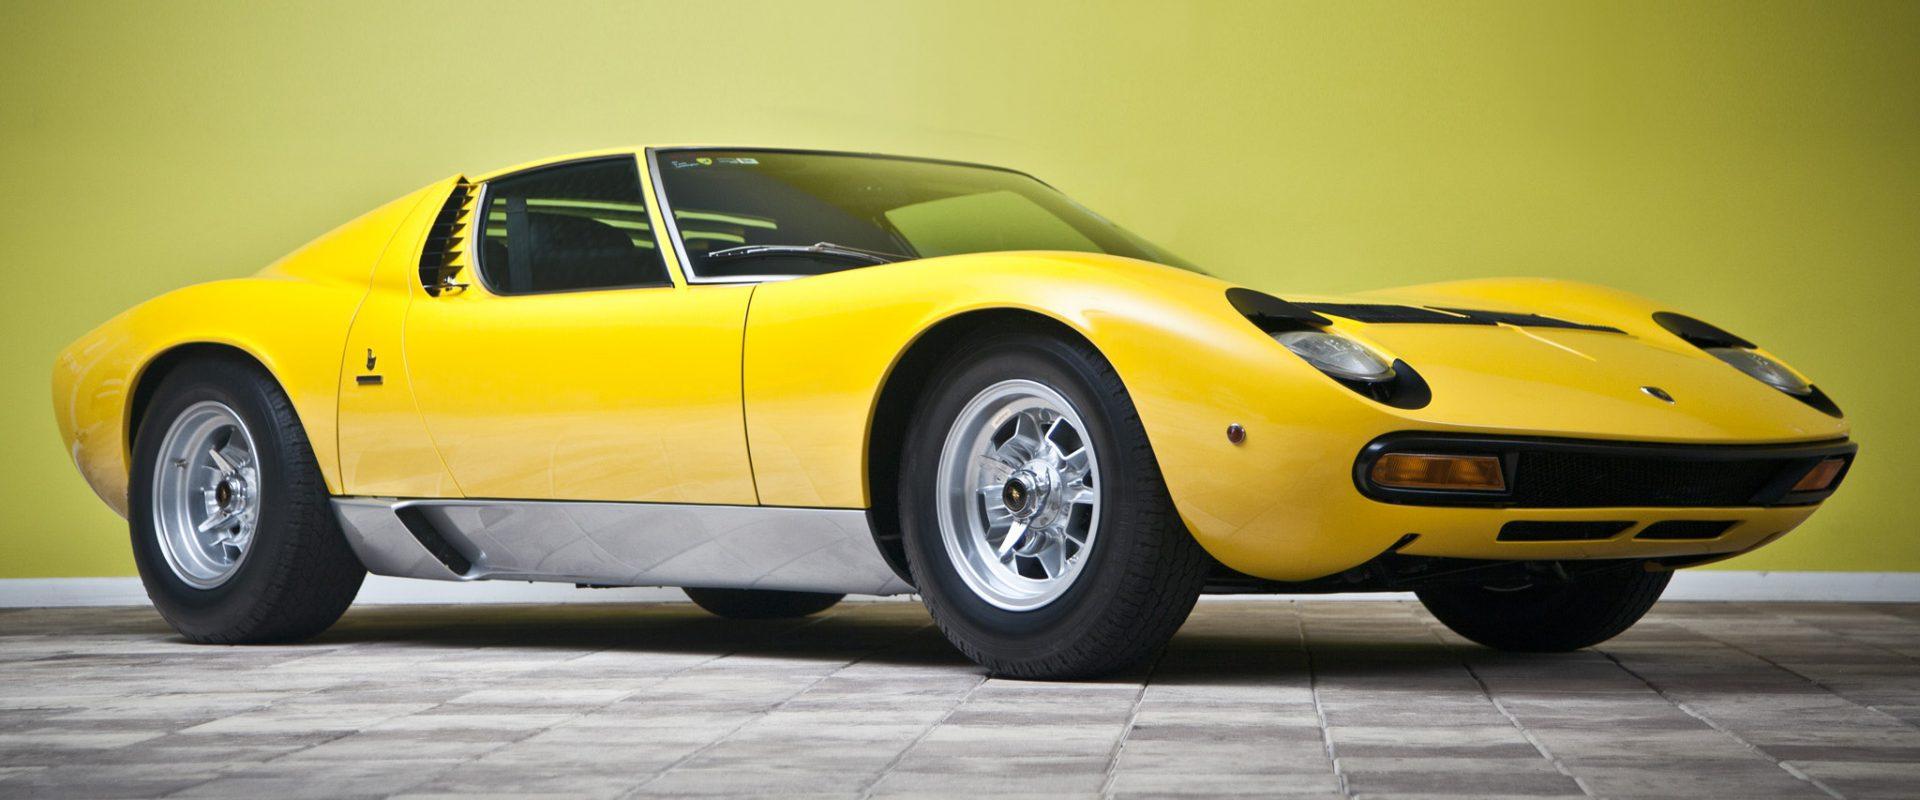 Quais foram os carros mais velozes de cada década? (Parte 1)